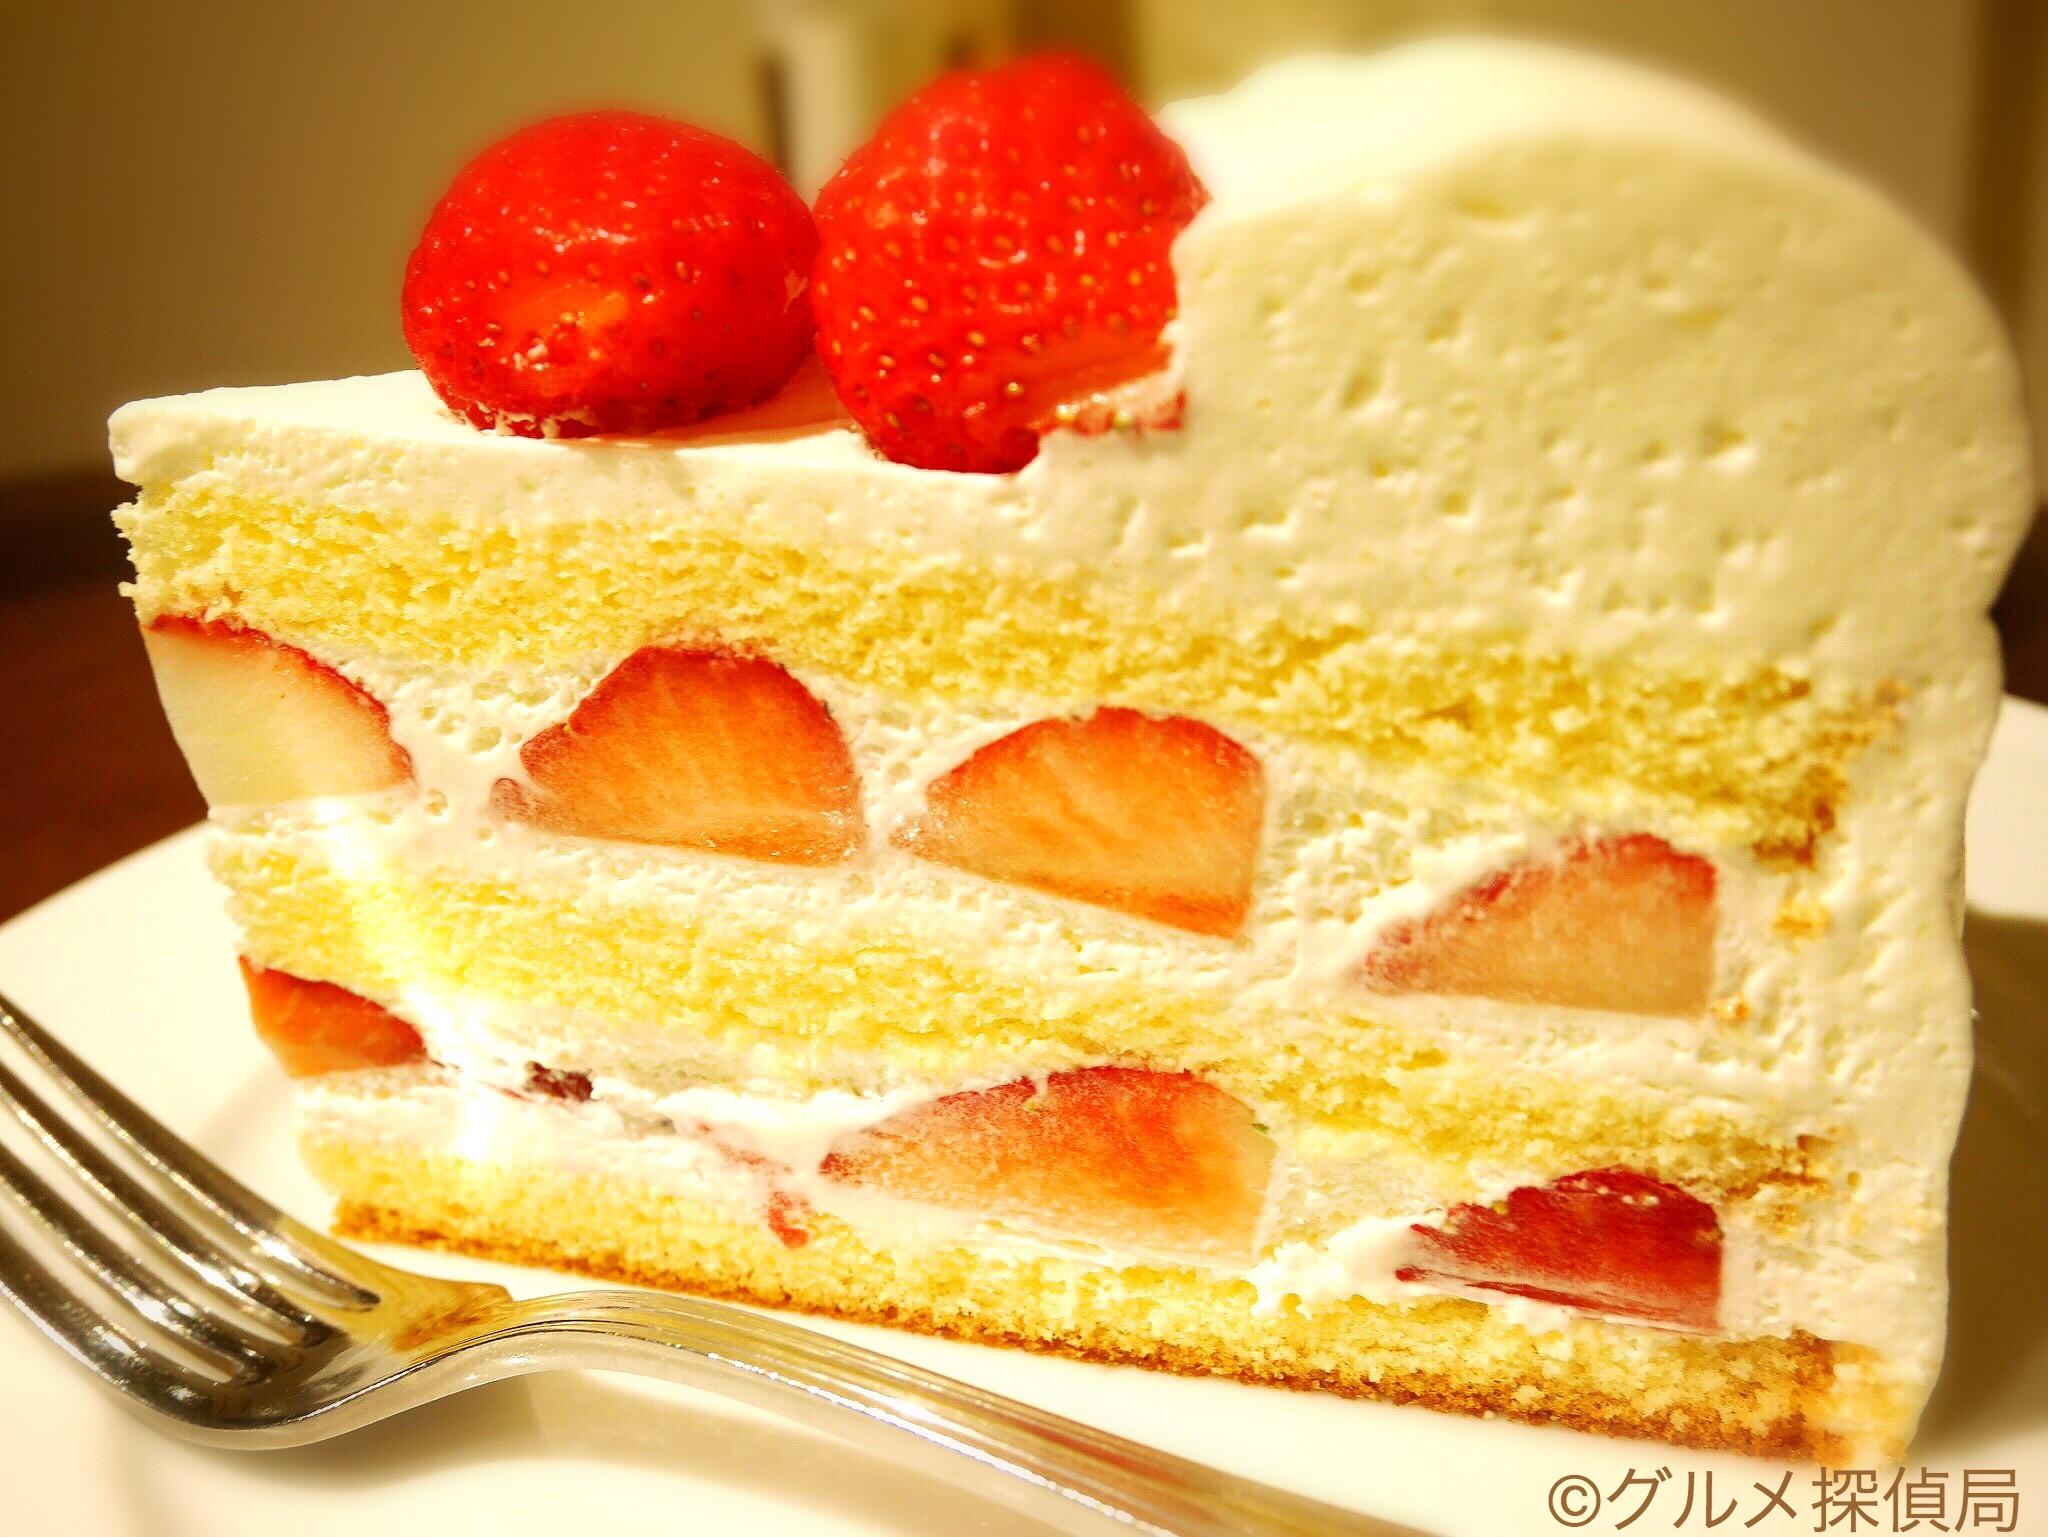 【グルメ探偵局】※画像3 夏いちごのケーキ(横)